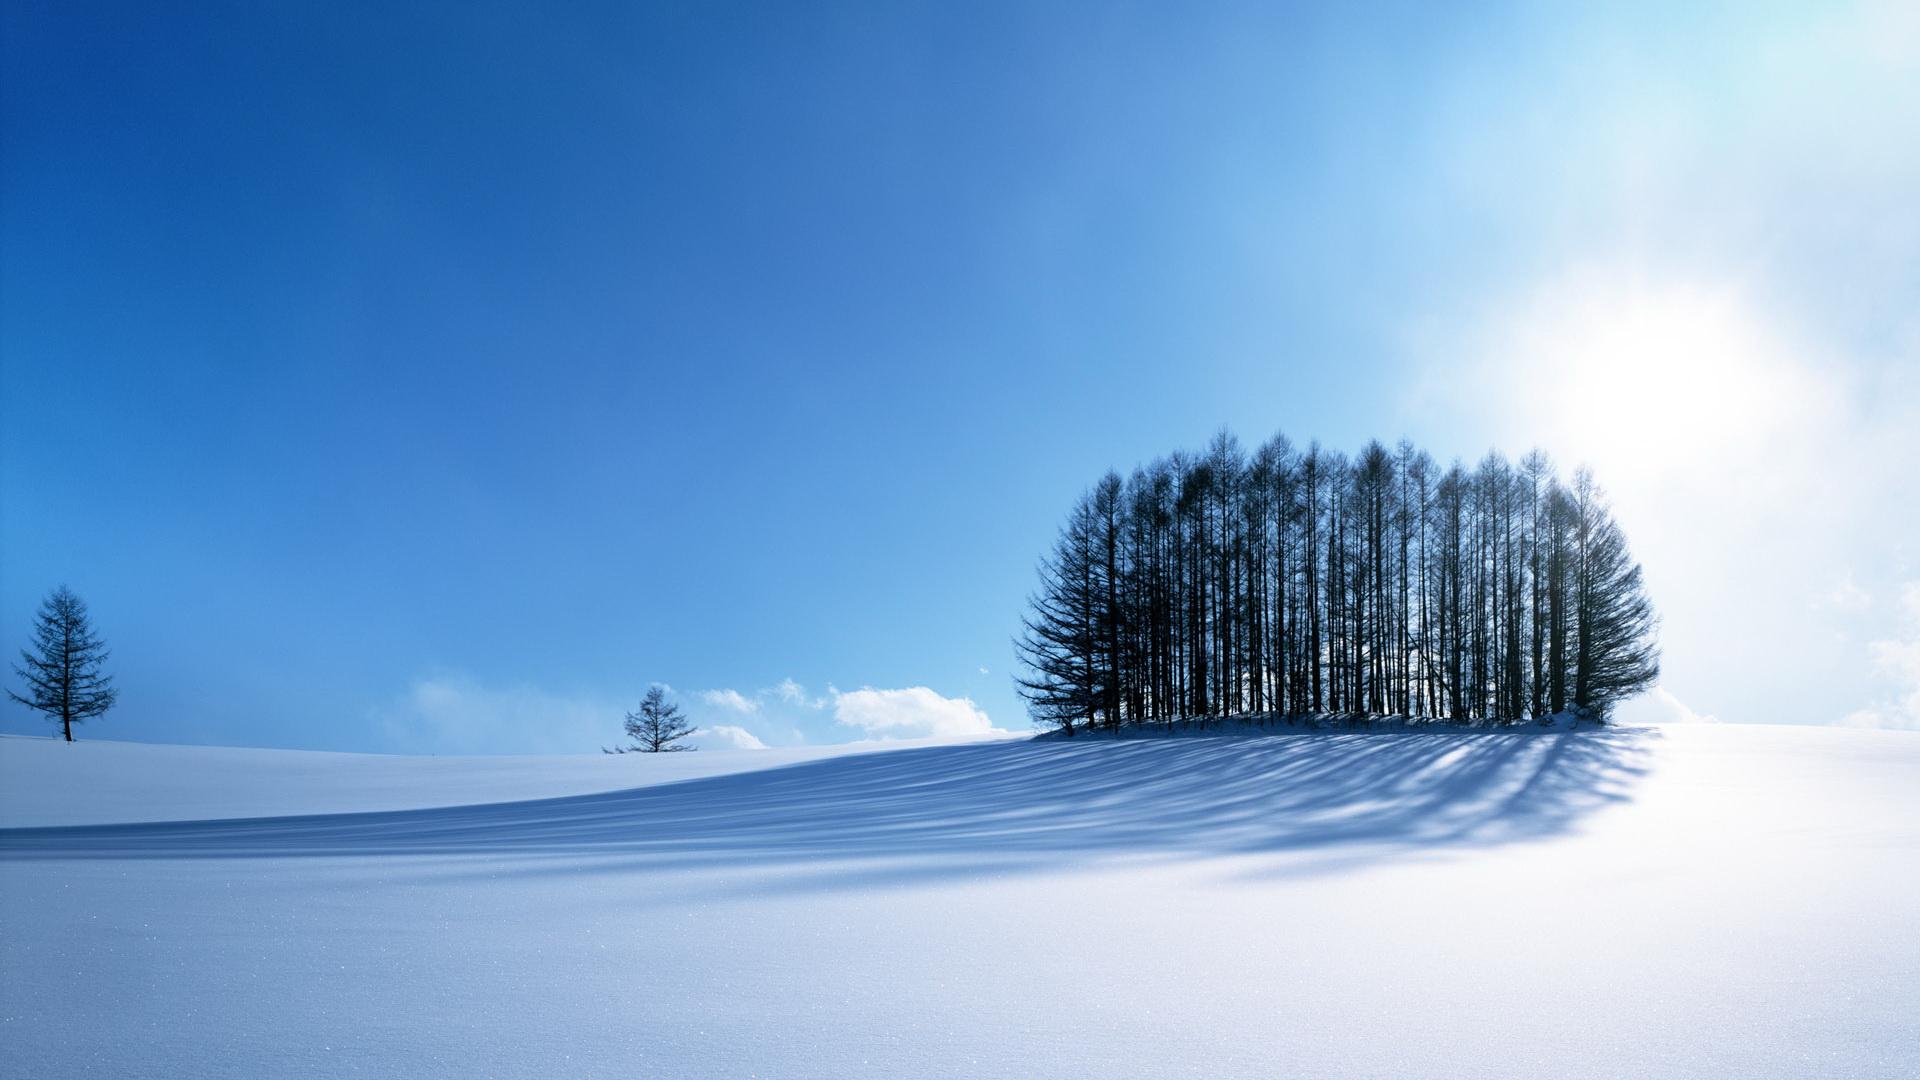 Зима картинки для фона рабочего стола